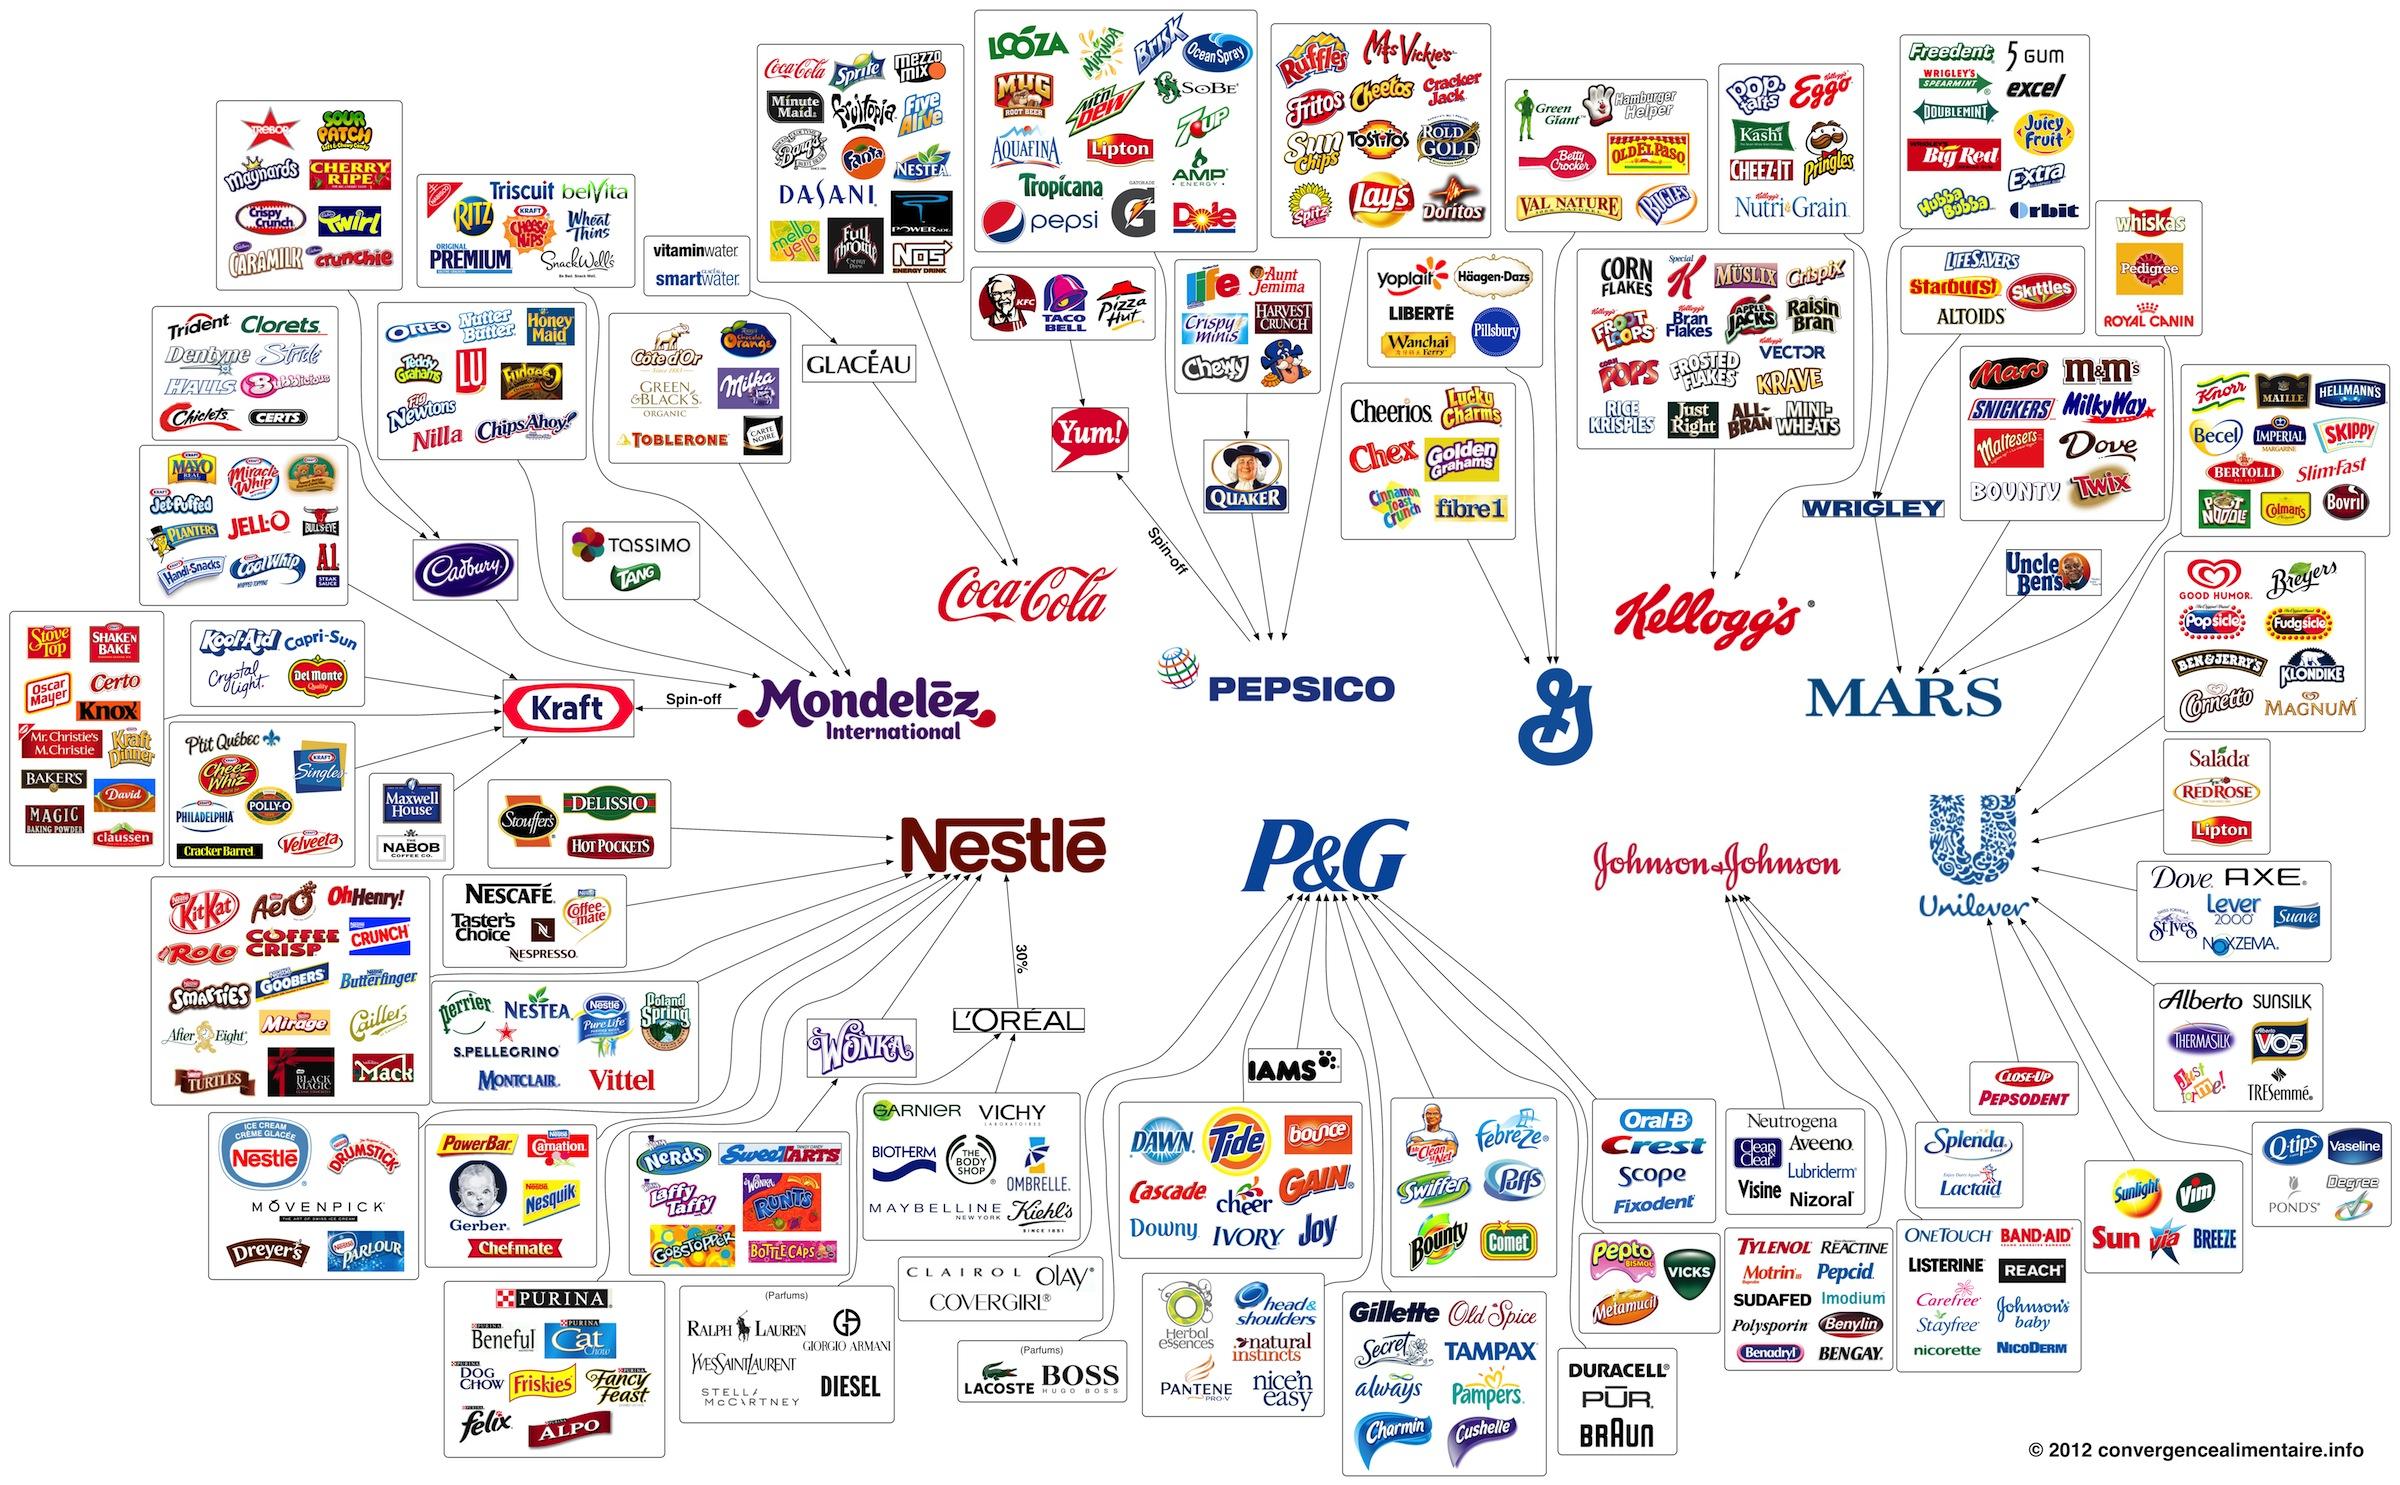 インフォグラフィック:市場を独占する超巨大企業。10社で超一流ブランド200以上束ねる